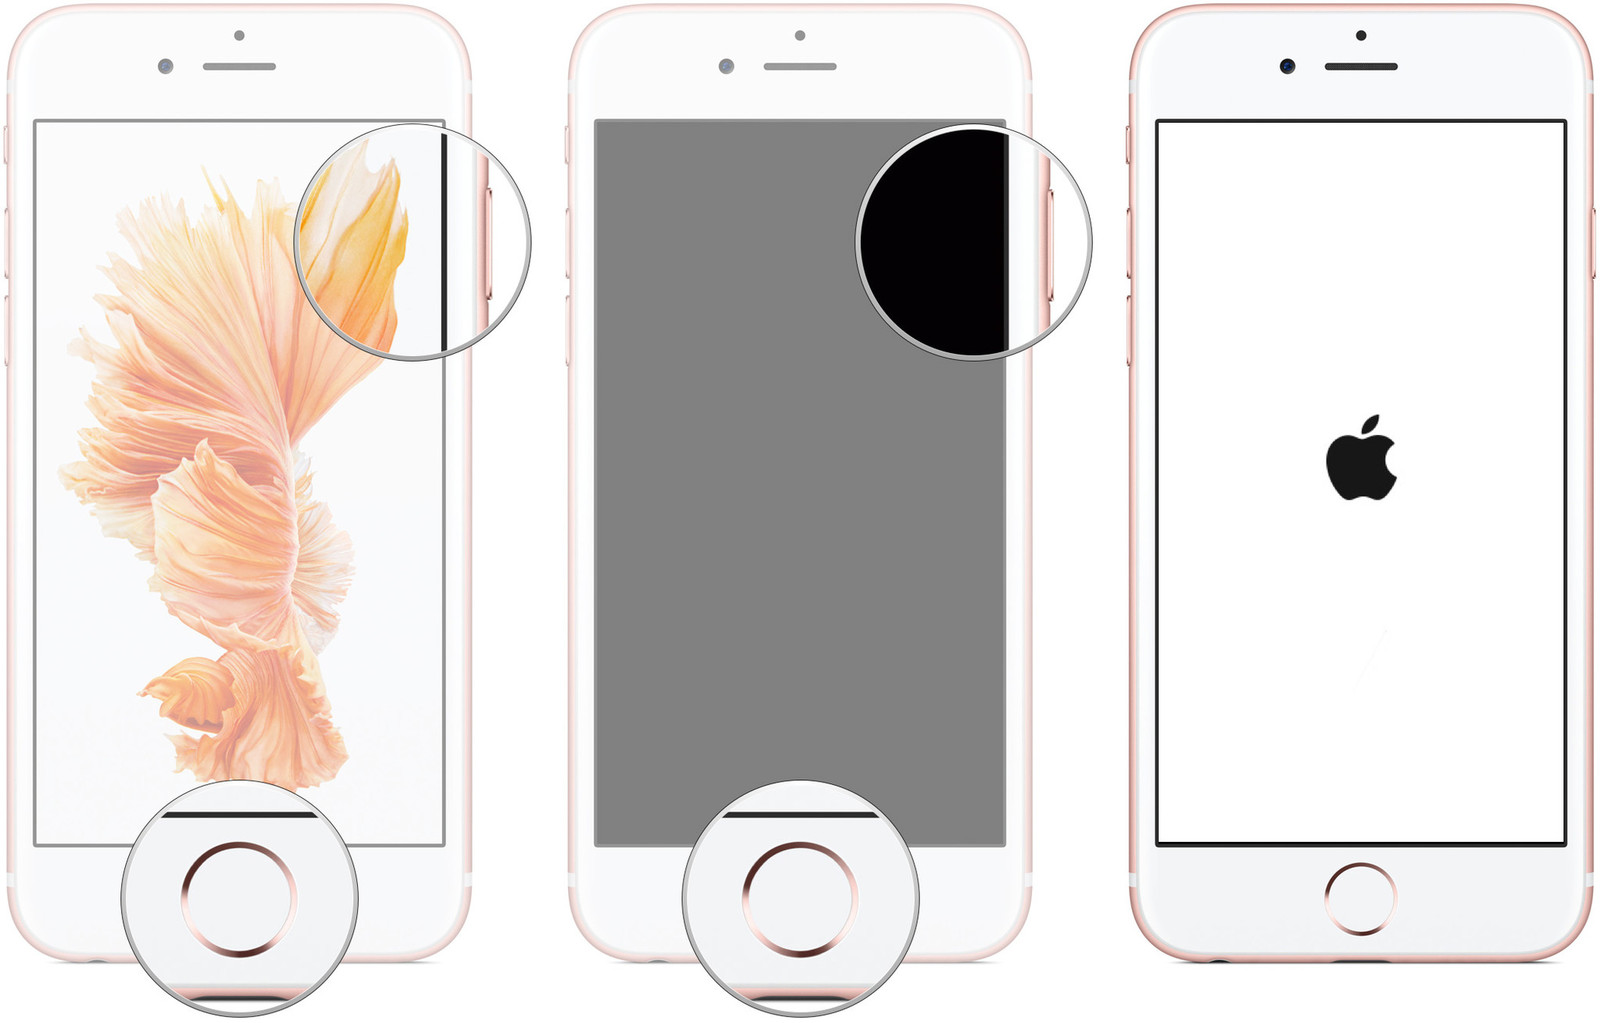 Айфон 6 s как сделать полный сброс